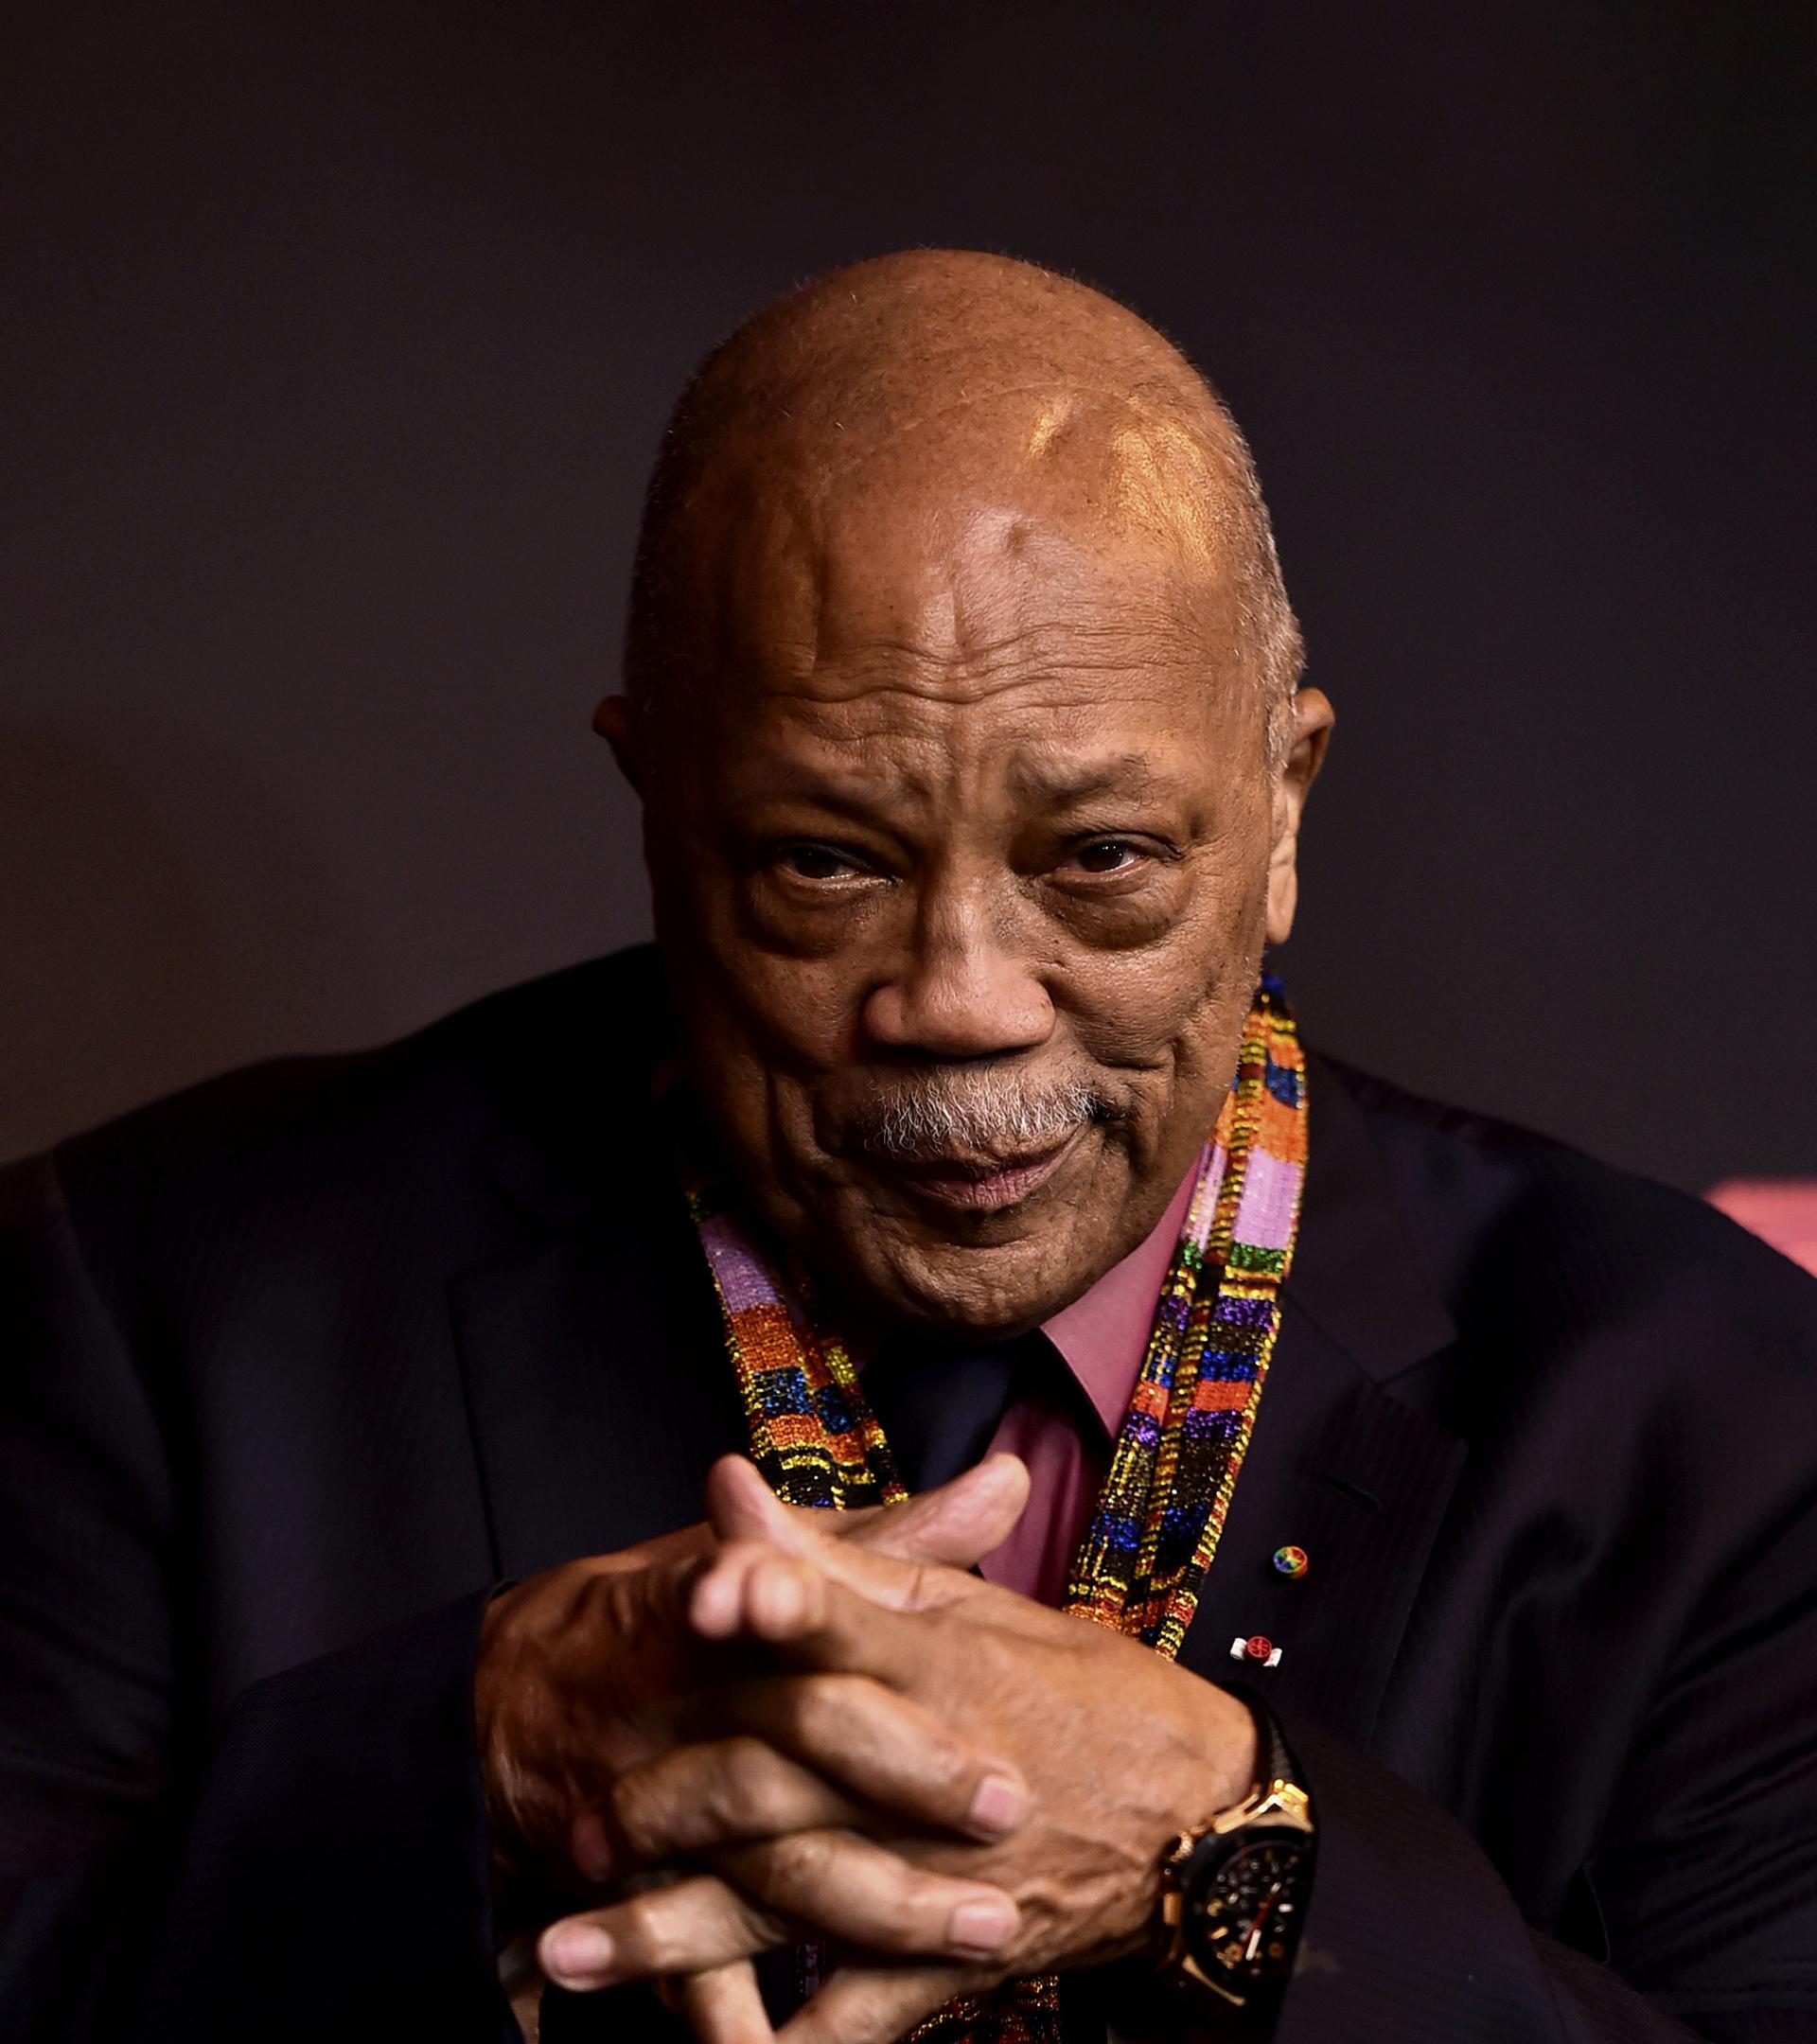 """Quincy Jones: """"Dios nos dio dos oídos y una boca para que escuchásemos el doble y hablásemos la mitad"""""""